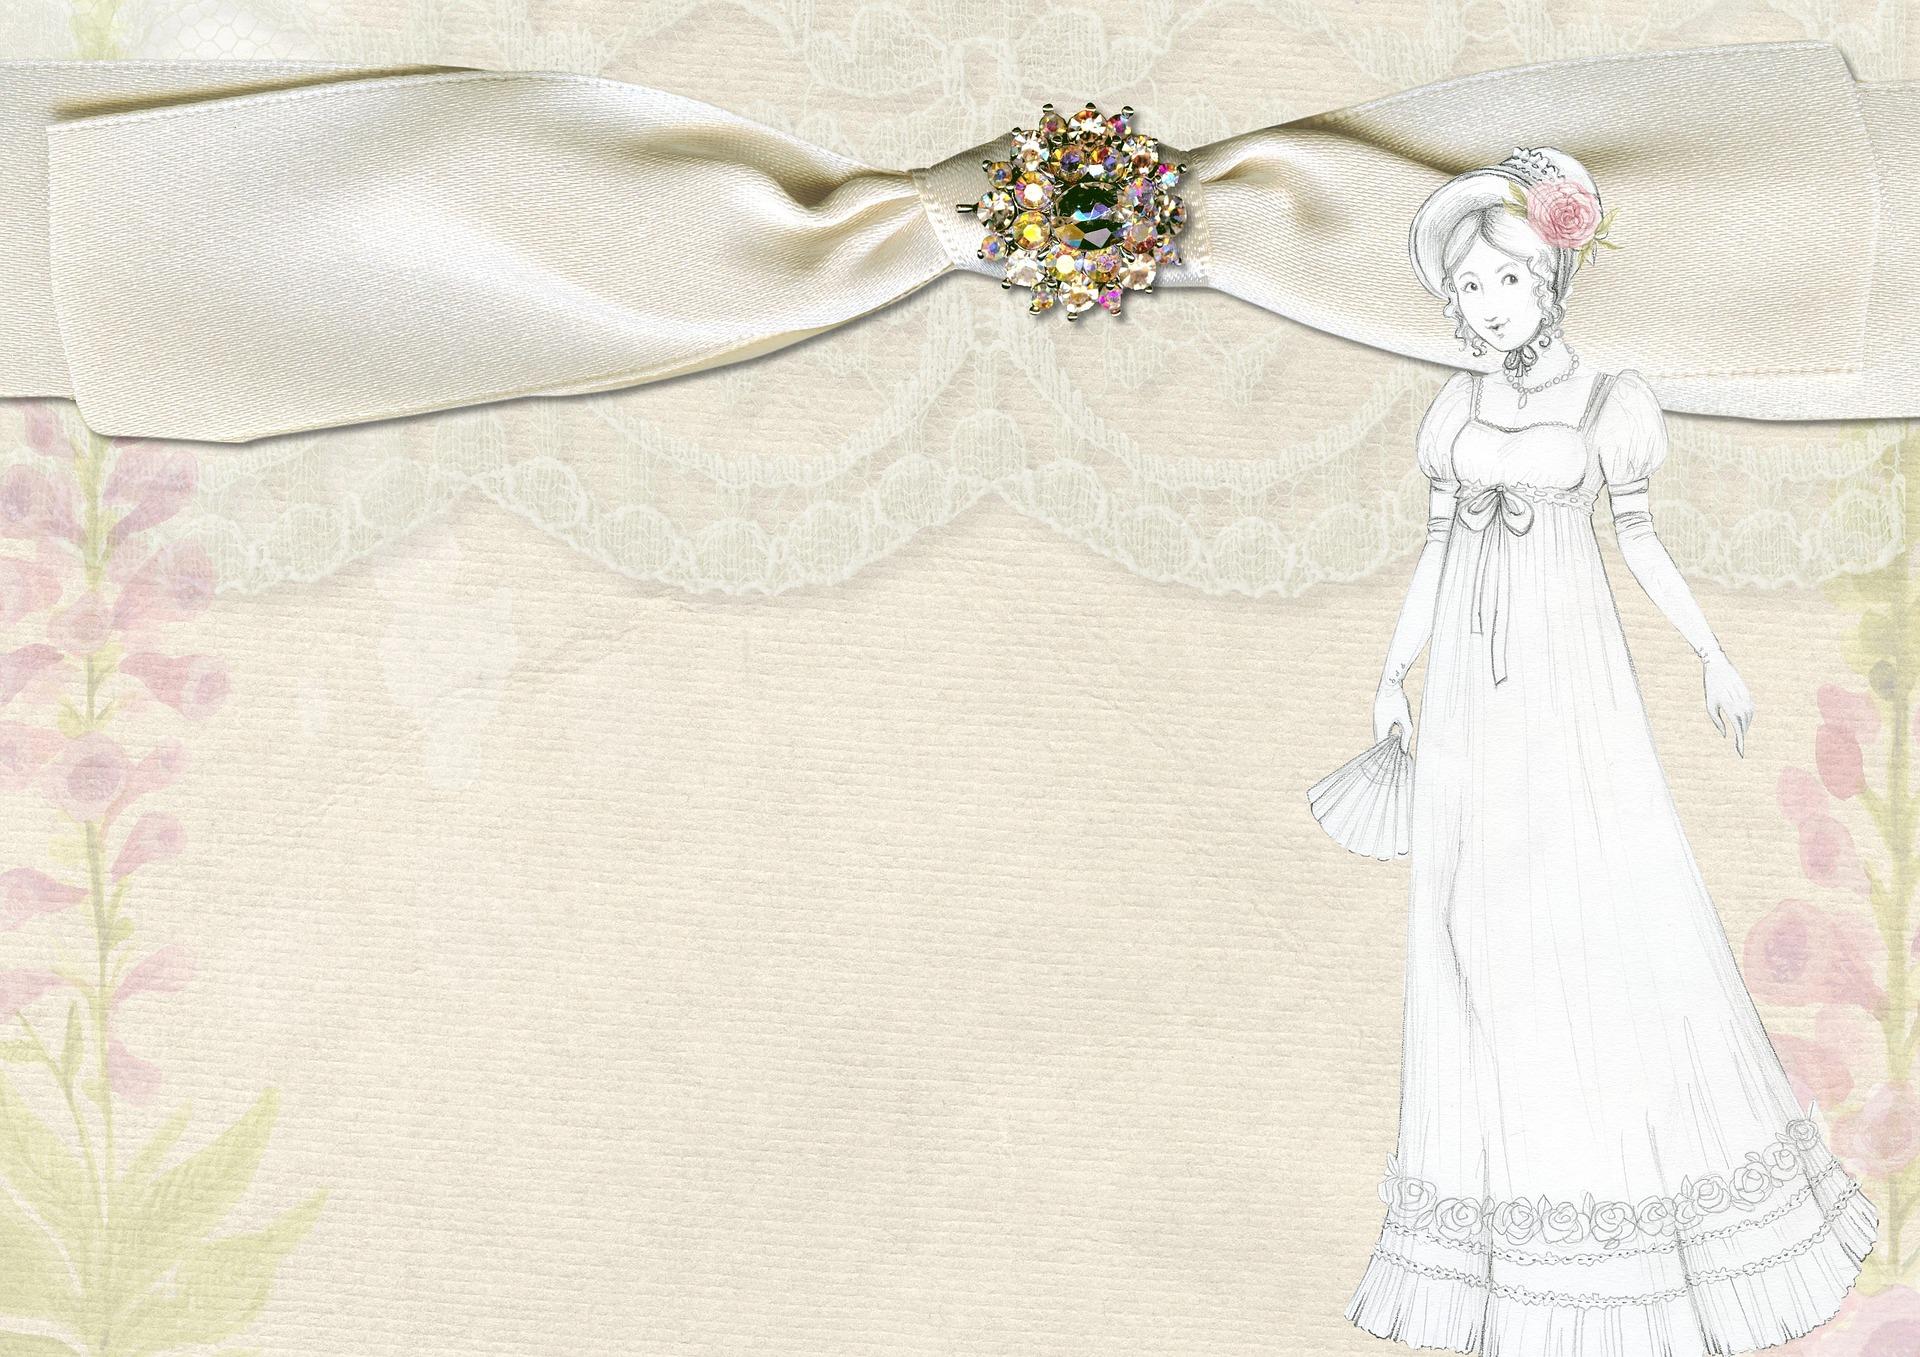 Invitatii Nunta Reguli Obligatorii Ce Trebuie Sa Contina O